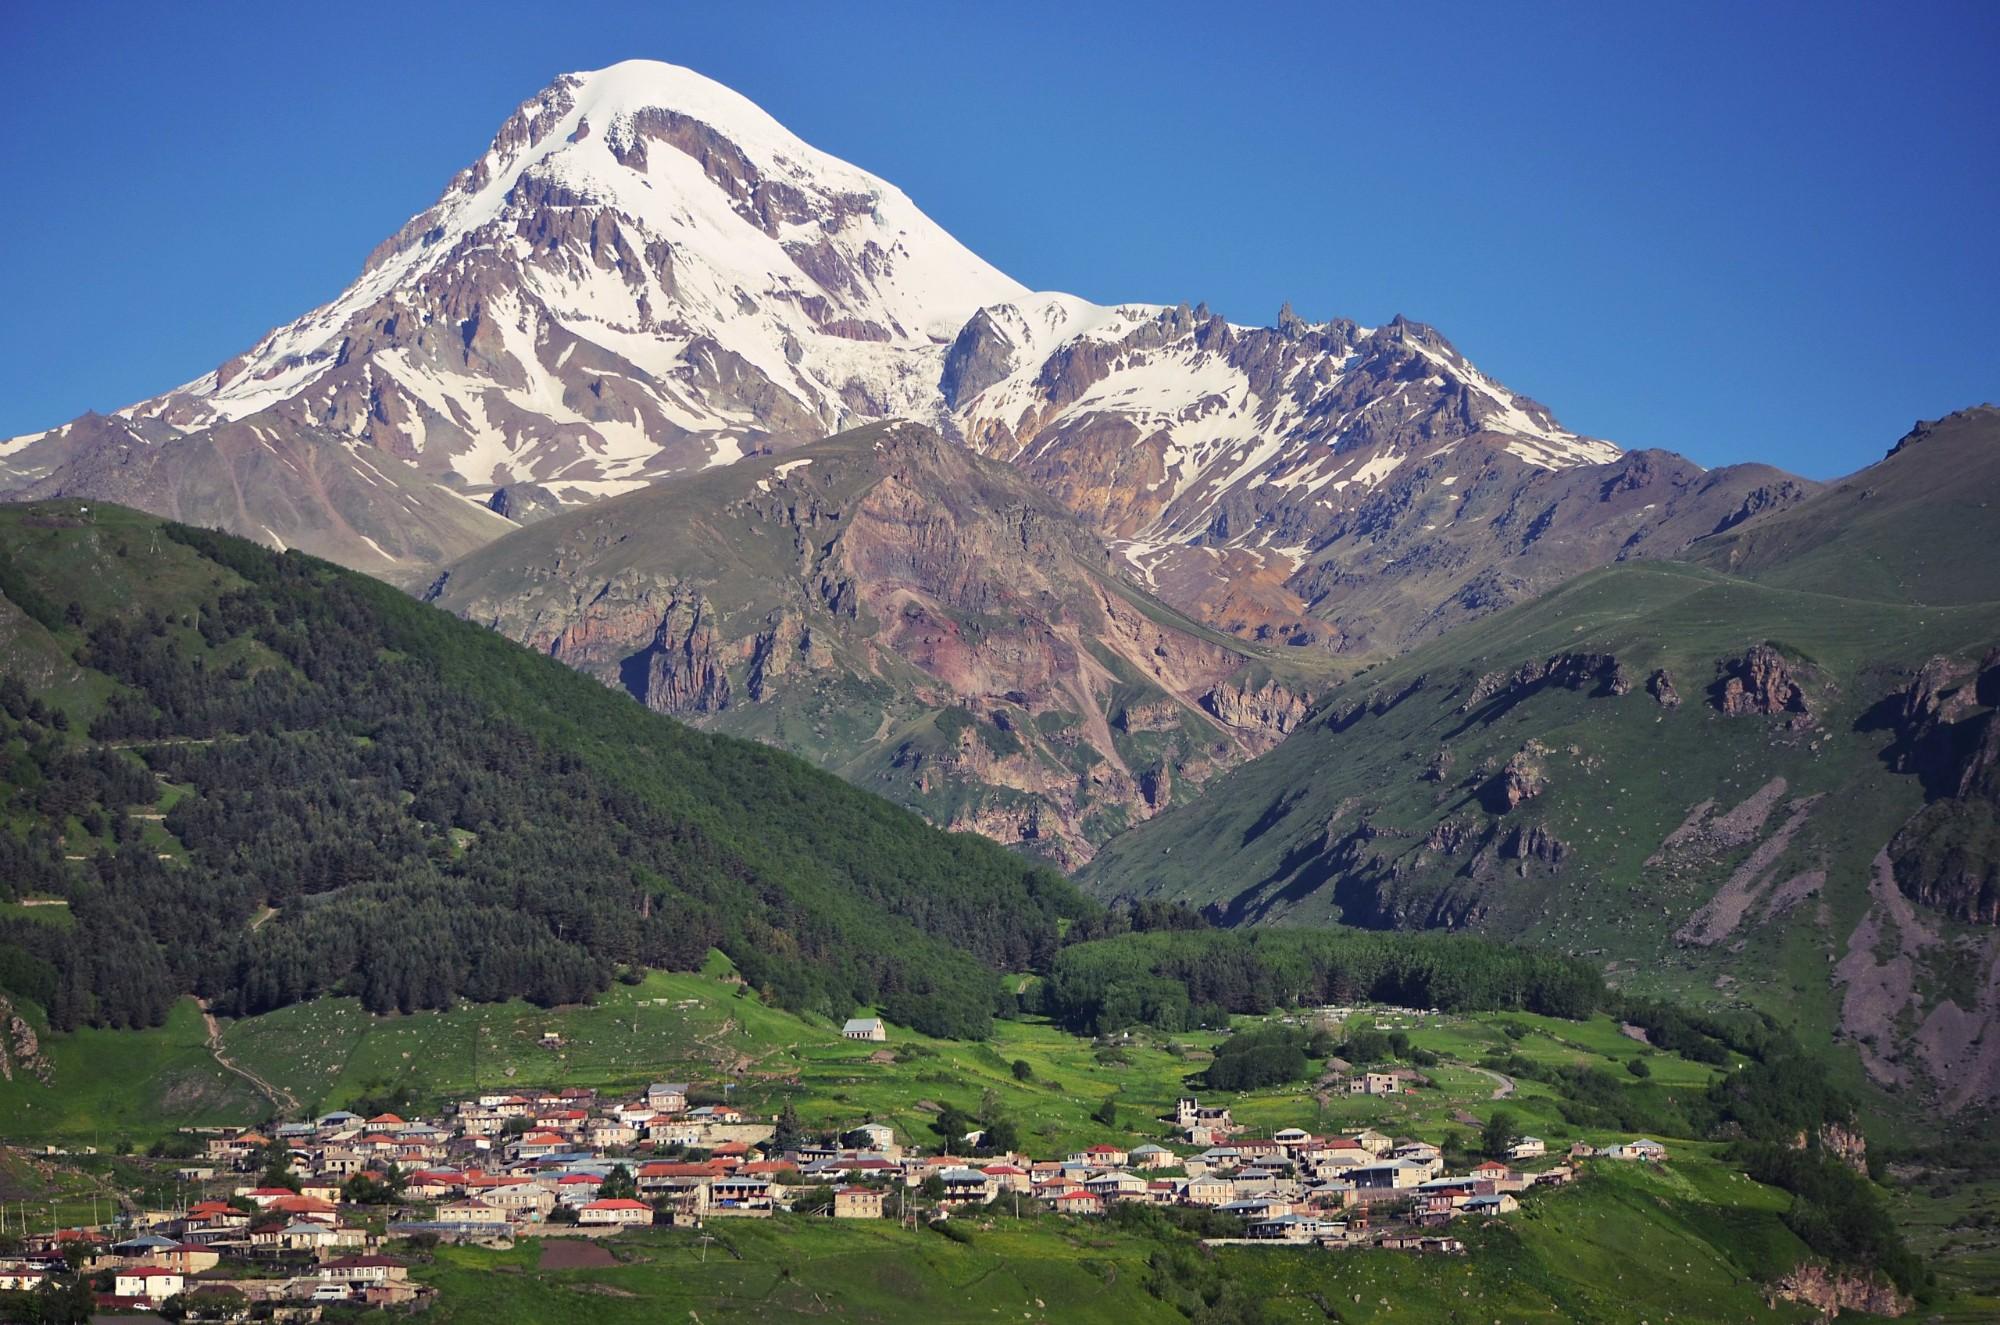 Маленький городок под величественной горой Казбек на самом севере Грузии.